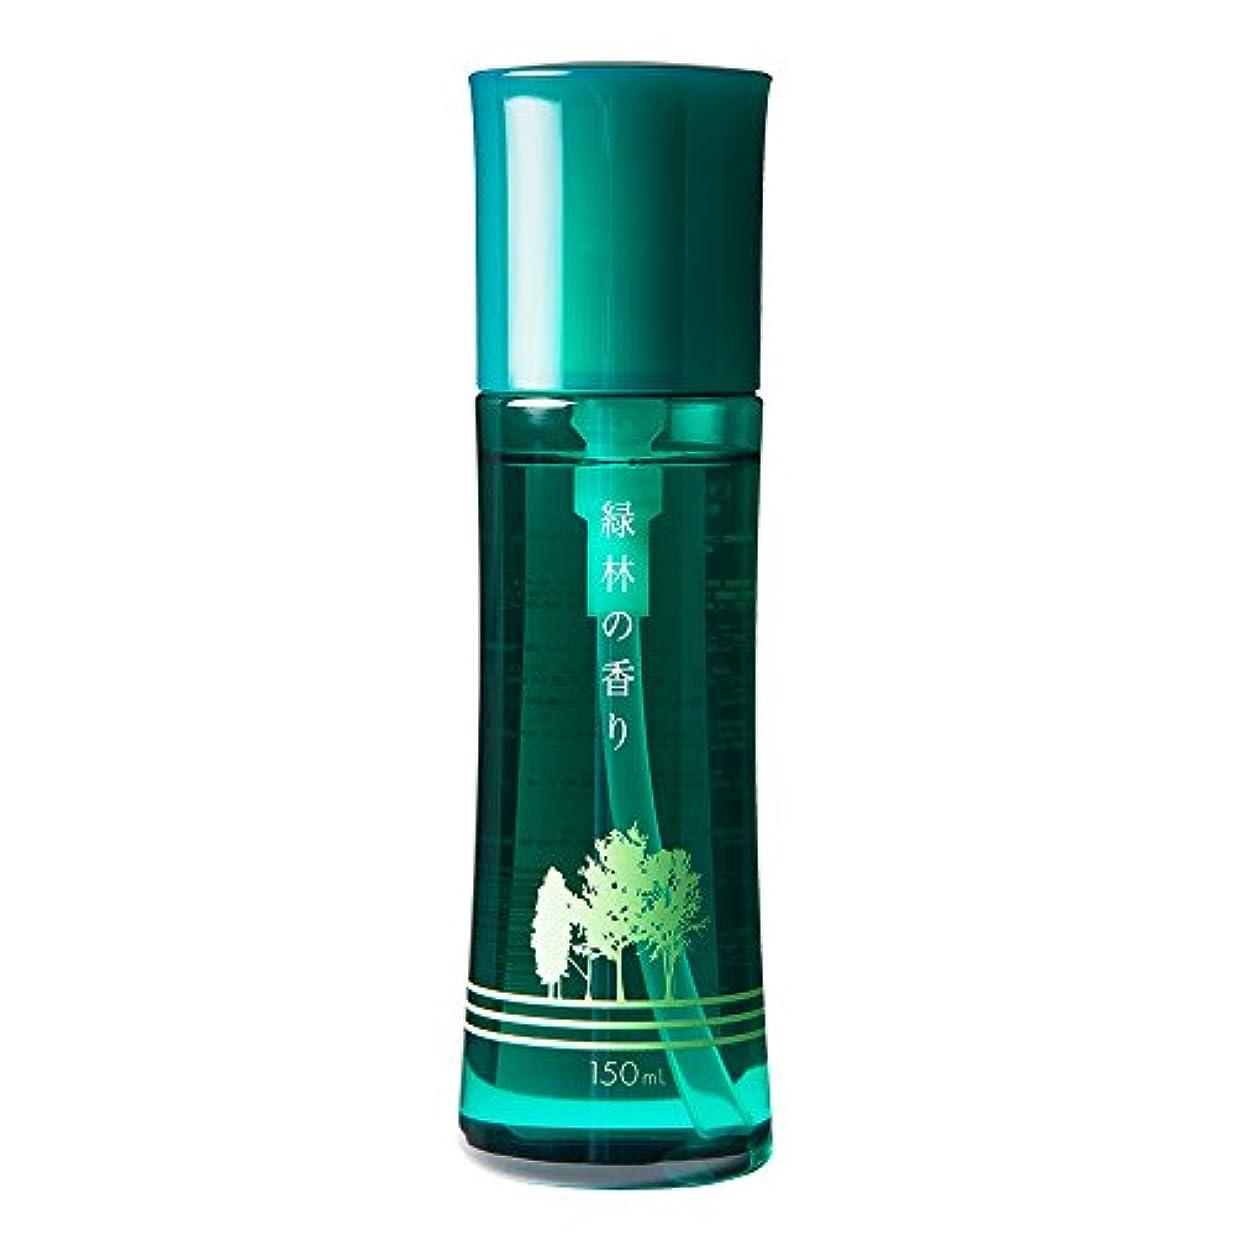 テメリティ不利益試験芳香剤「緑林の香り(みどりの香り)」150mL 日本予防医薬